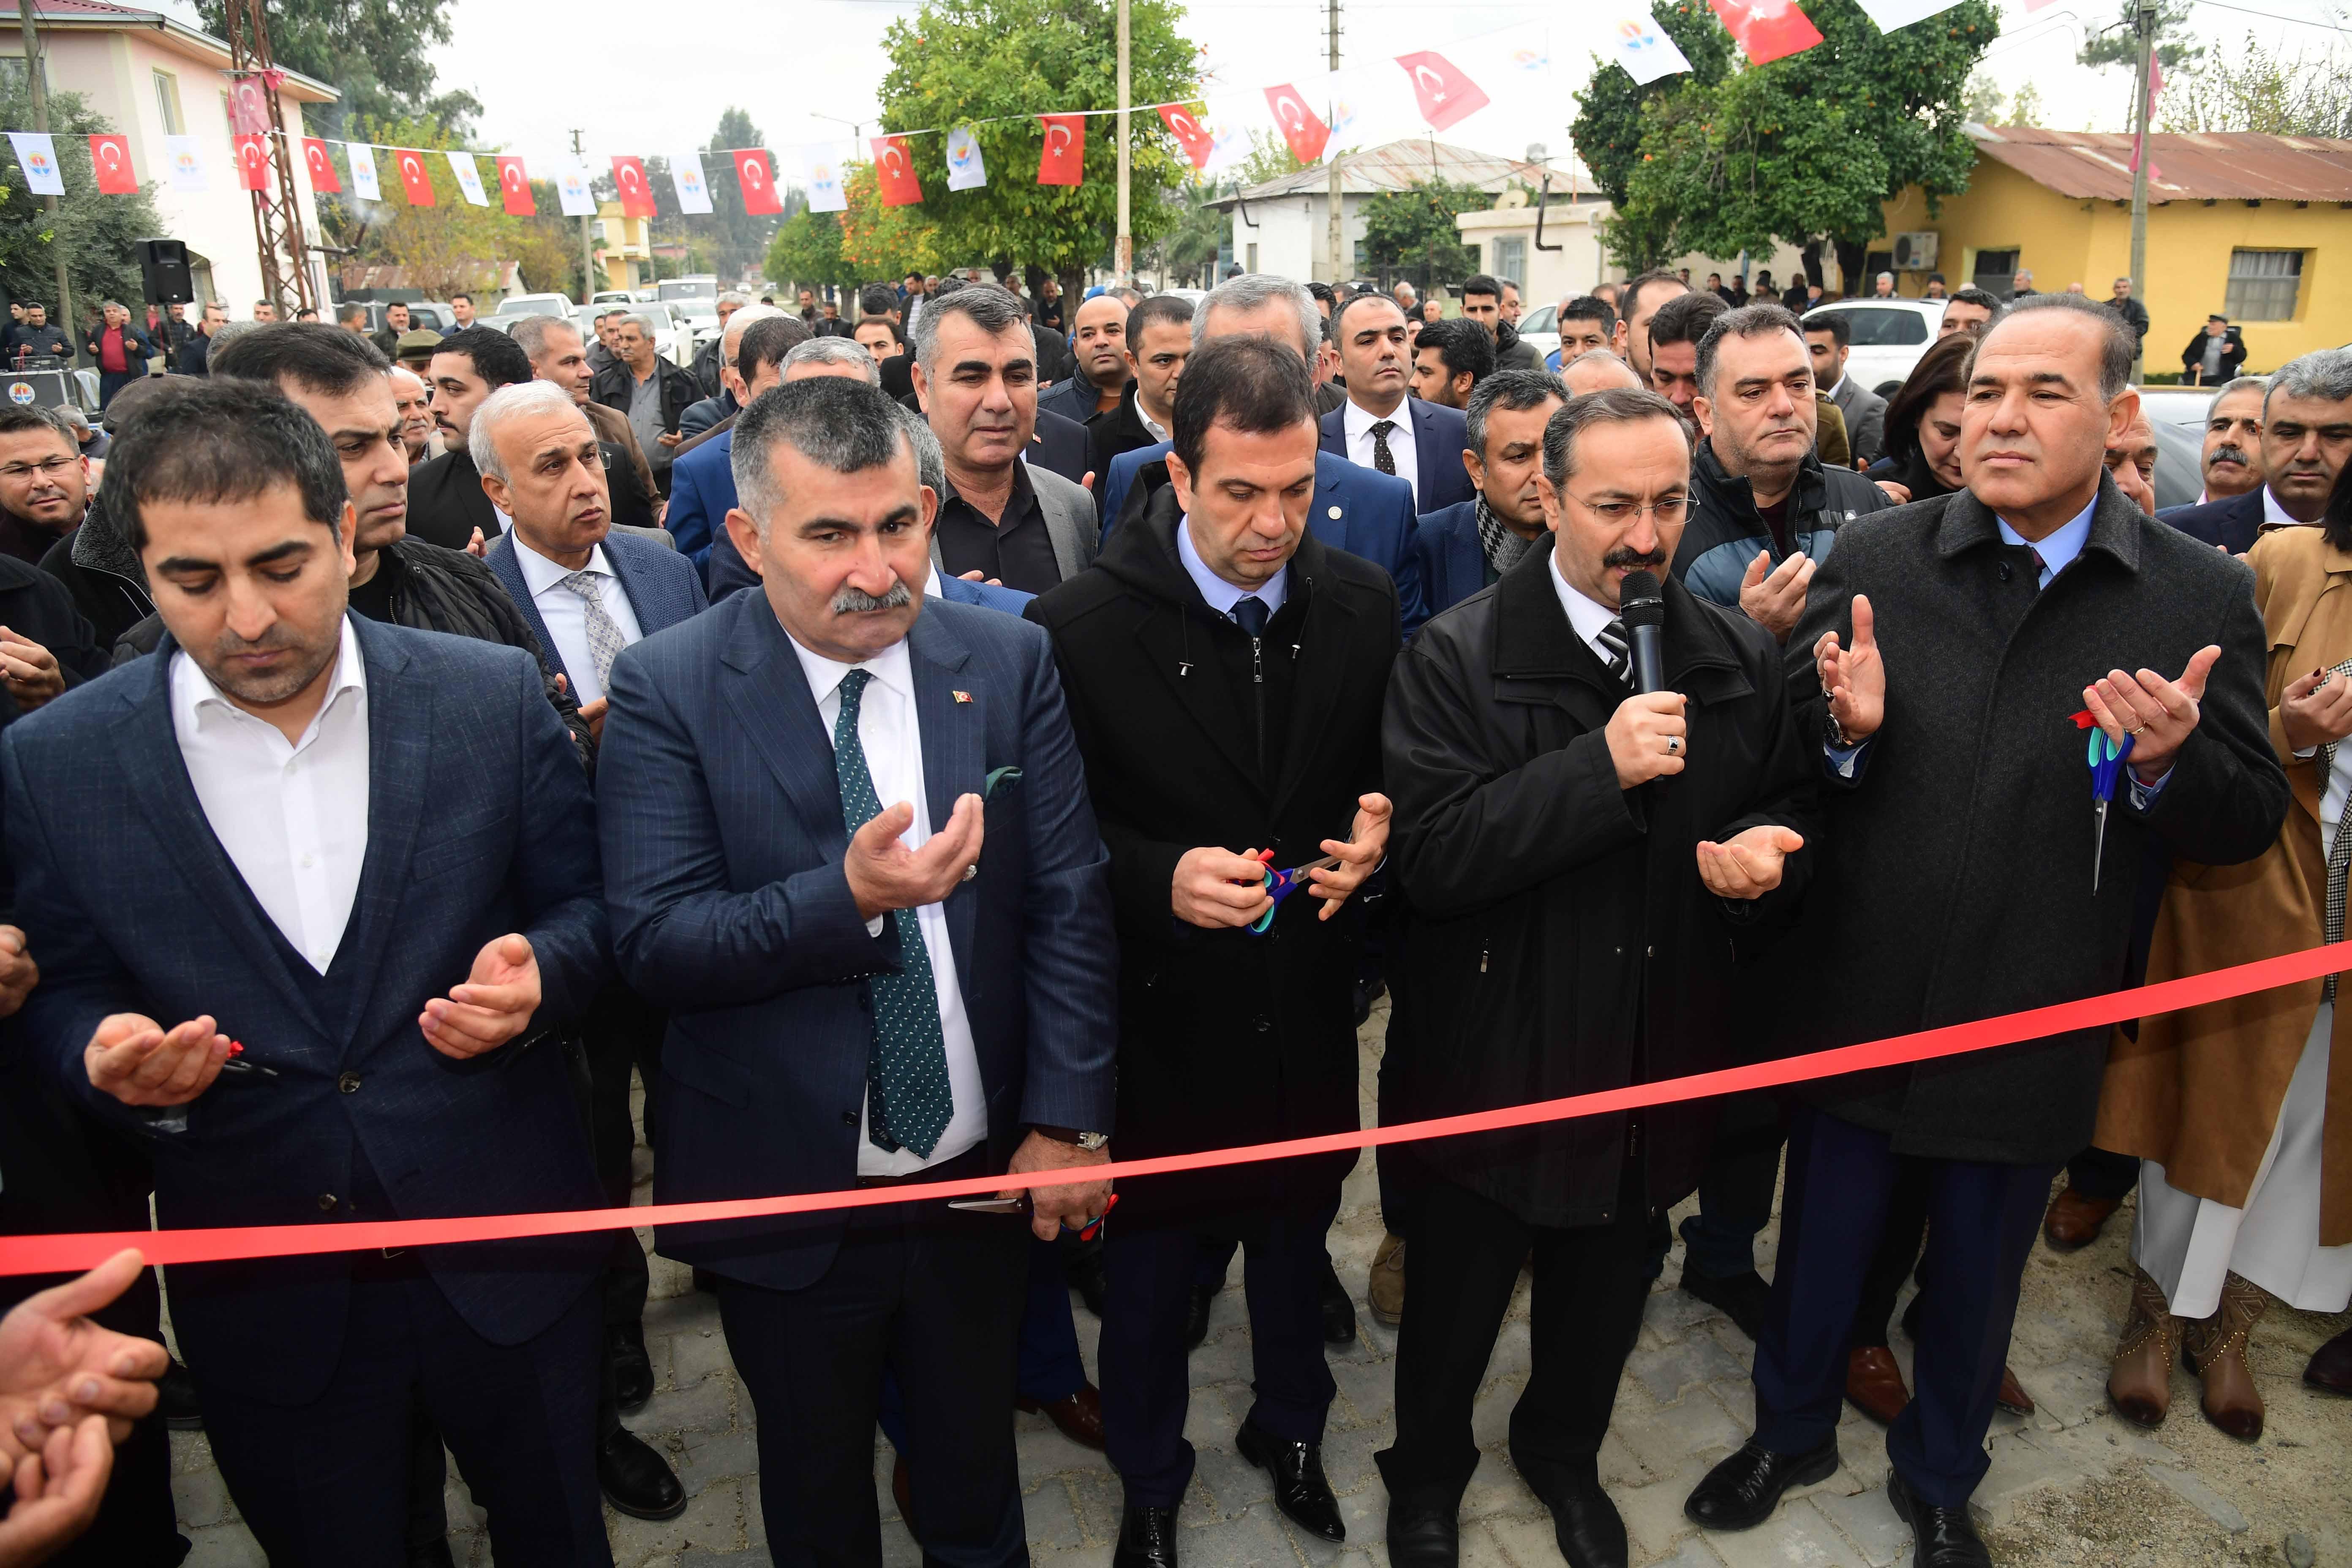 Başkan Sözlü Kozan'da açılışta konuştu